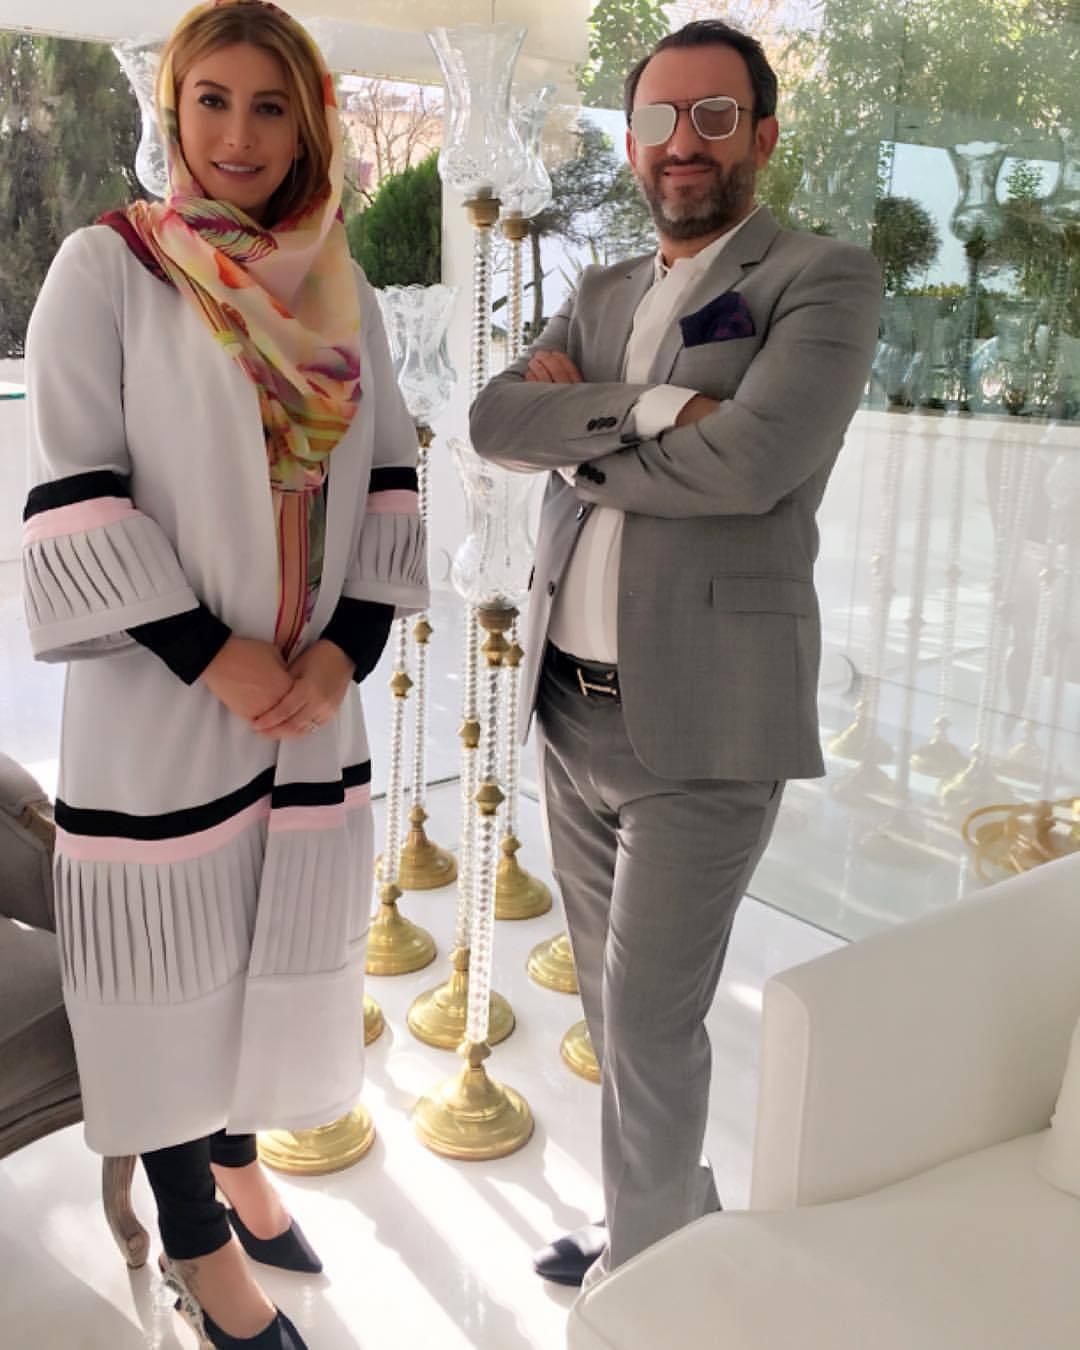 جدید ترین عکس فریبا نادری با همسرش